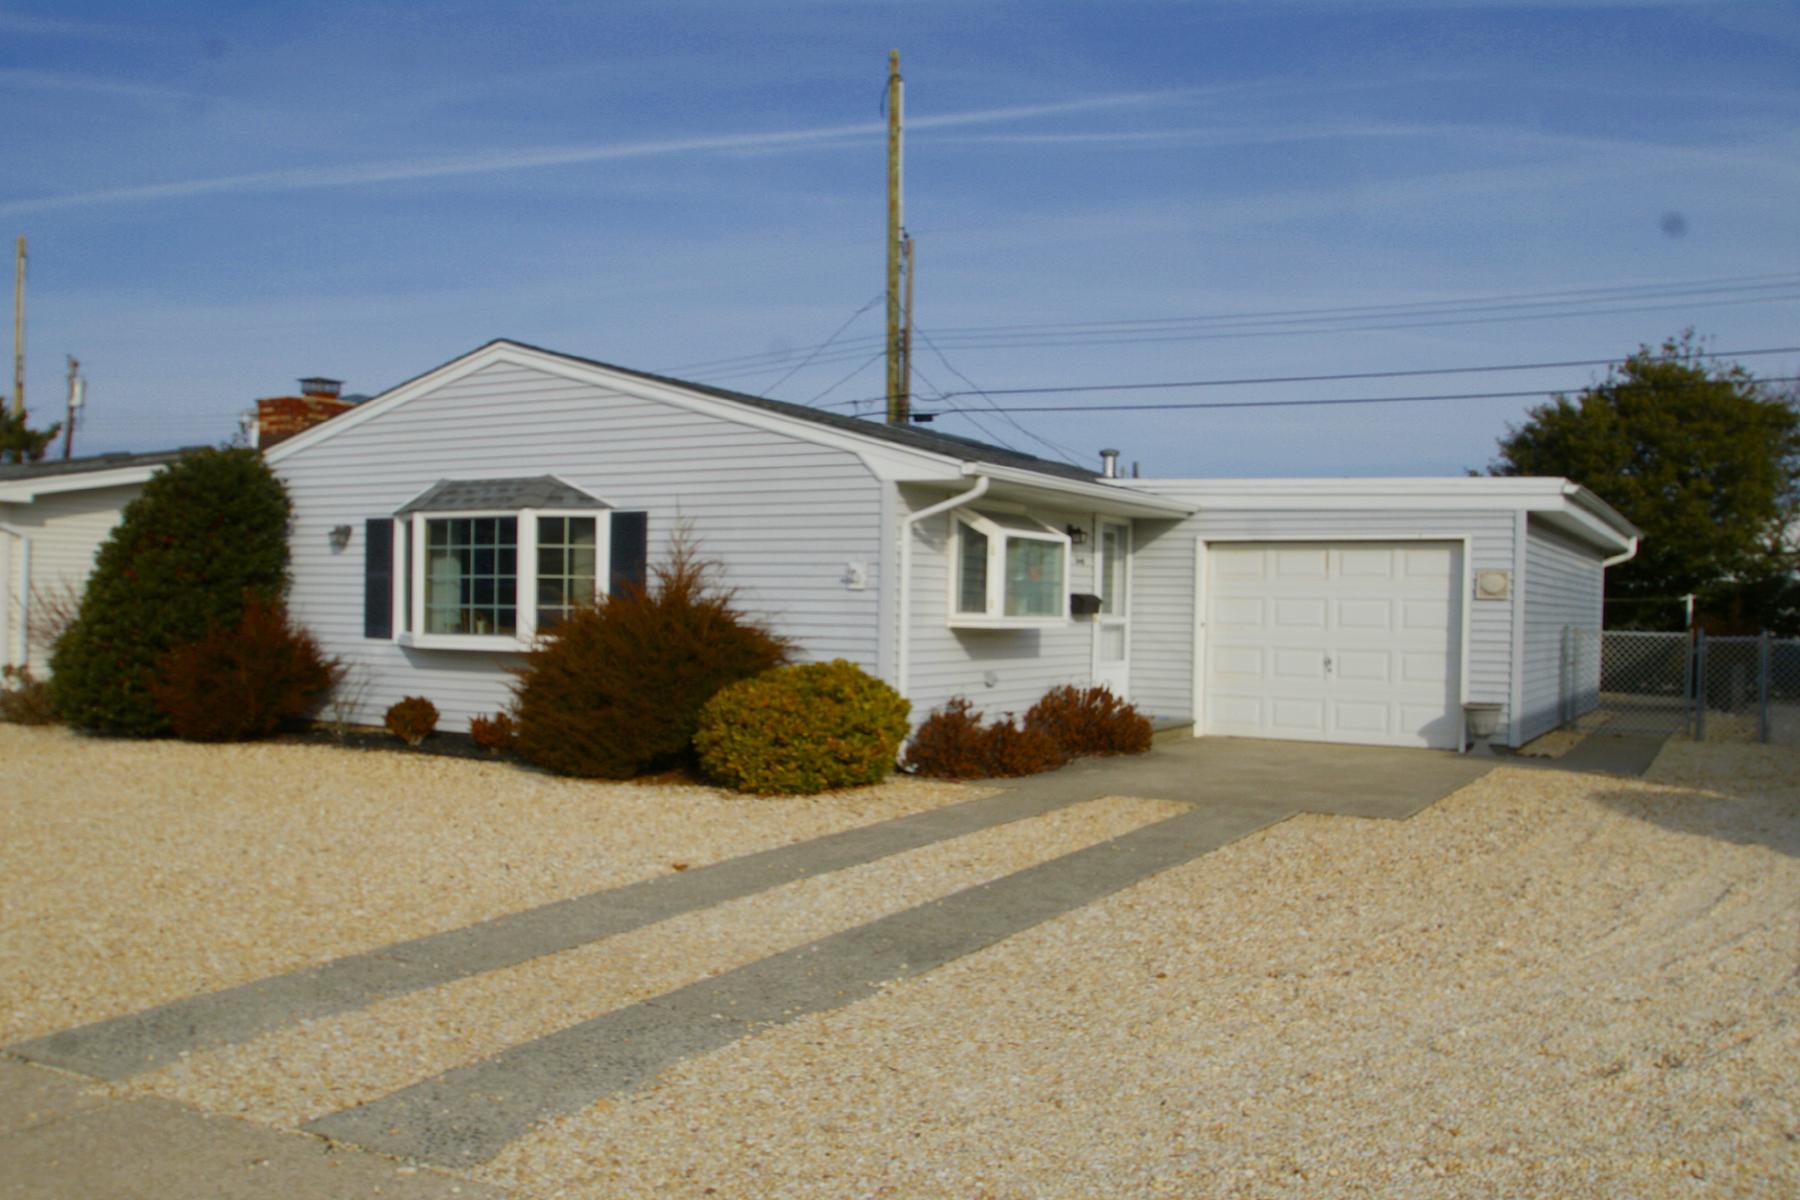 Casa Unifamiliar por un Venta en Just Steps To The Ocean 40 Ocean Bay Boulevard, Lavallette, Nueva Jersey 08735 Estados Unidos